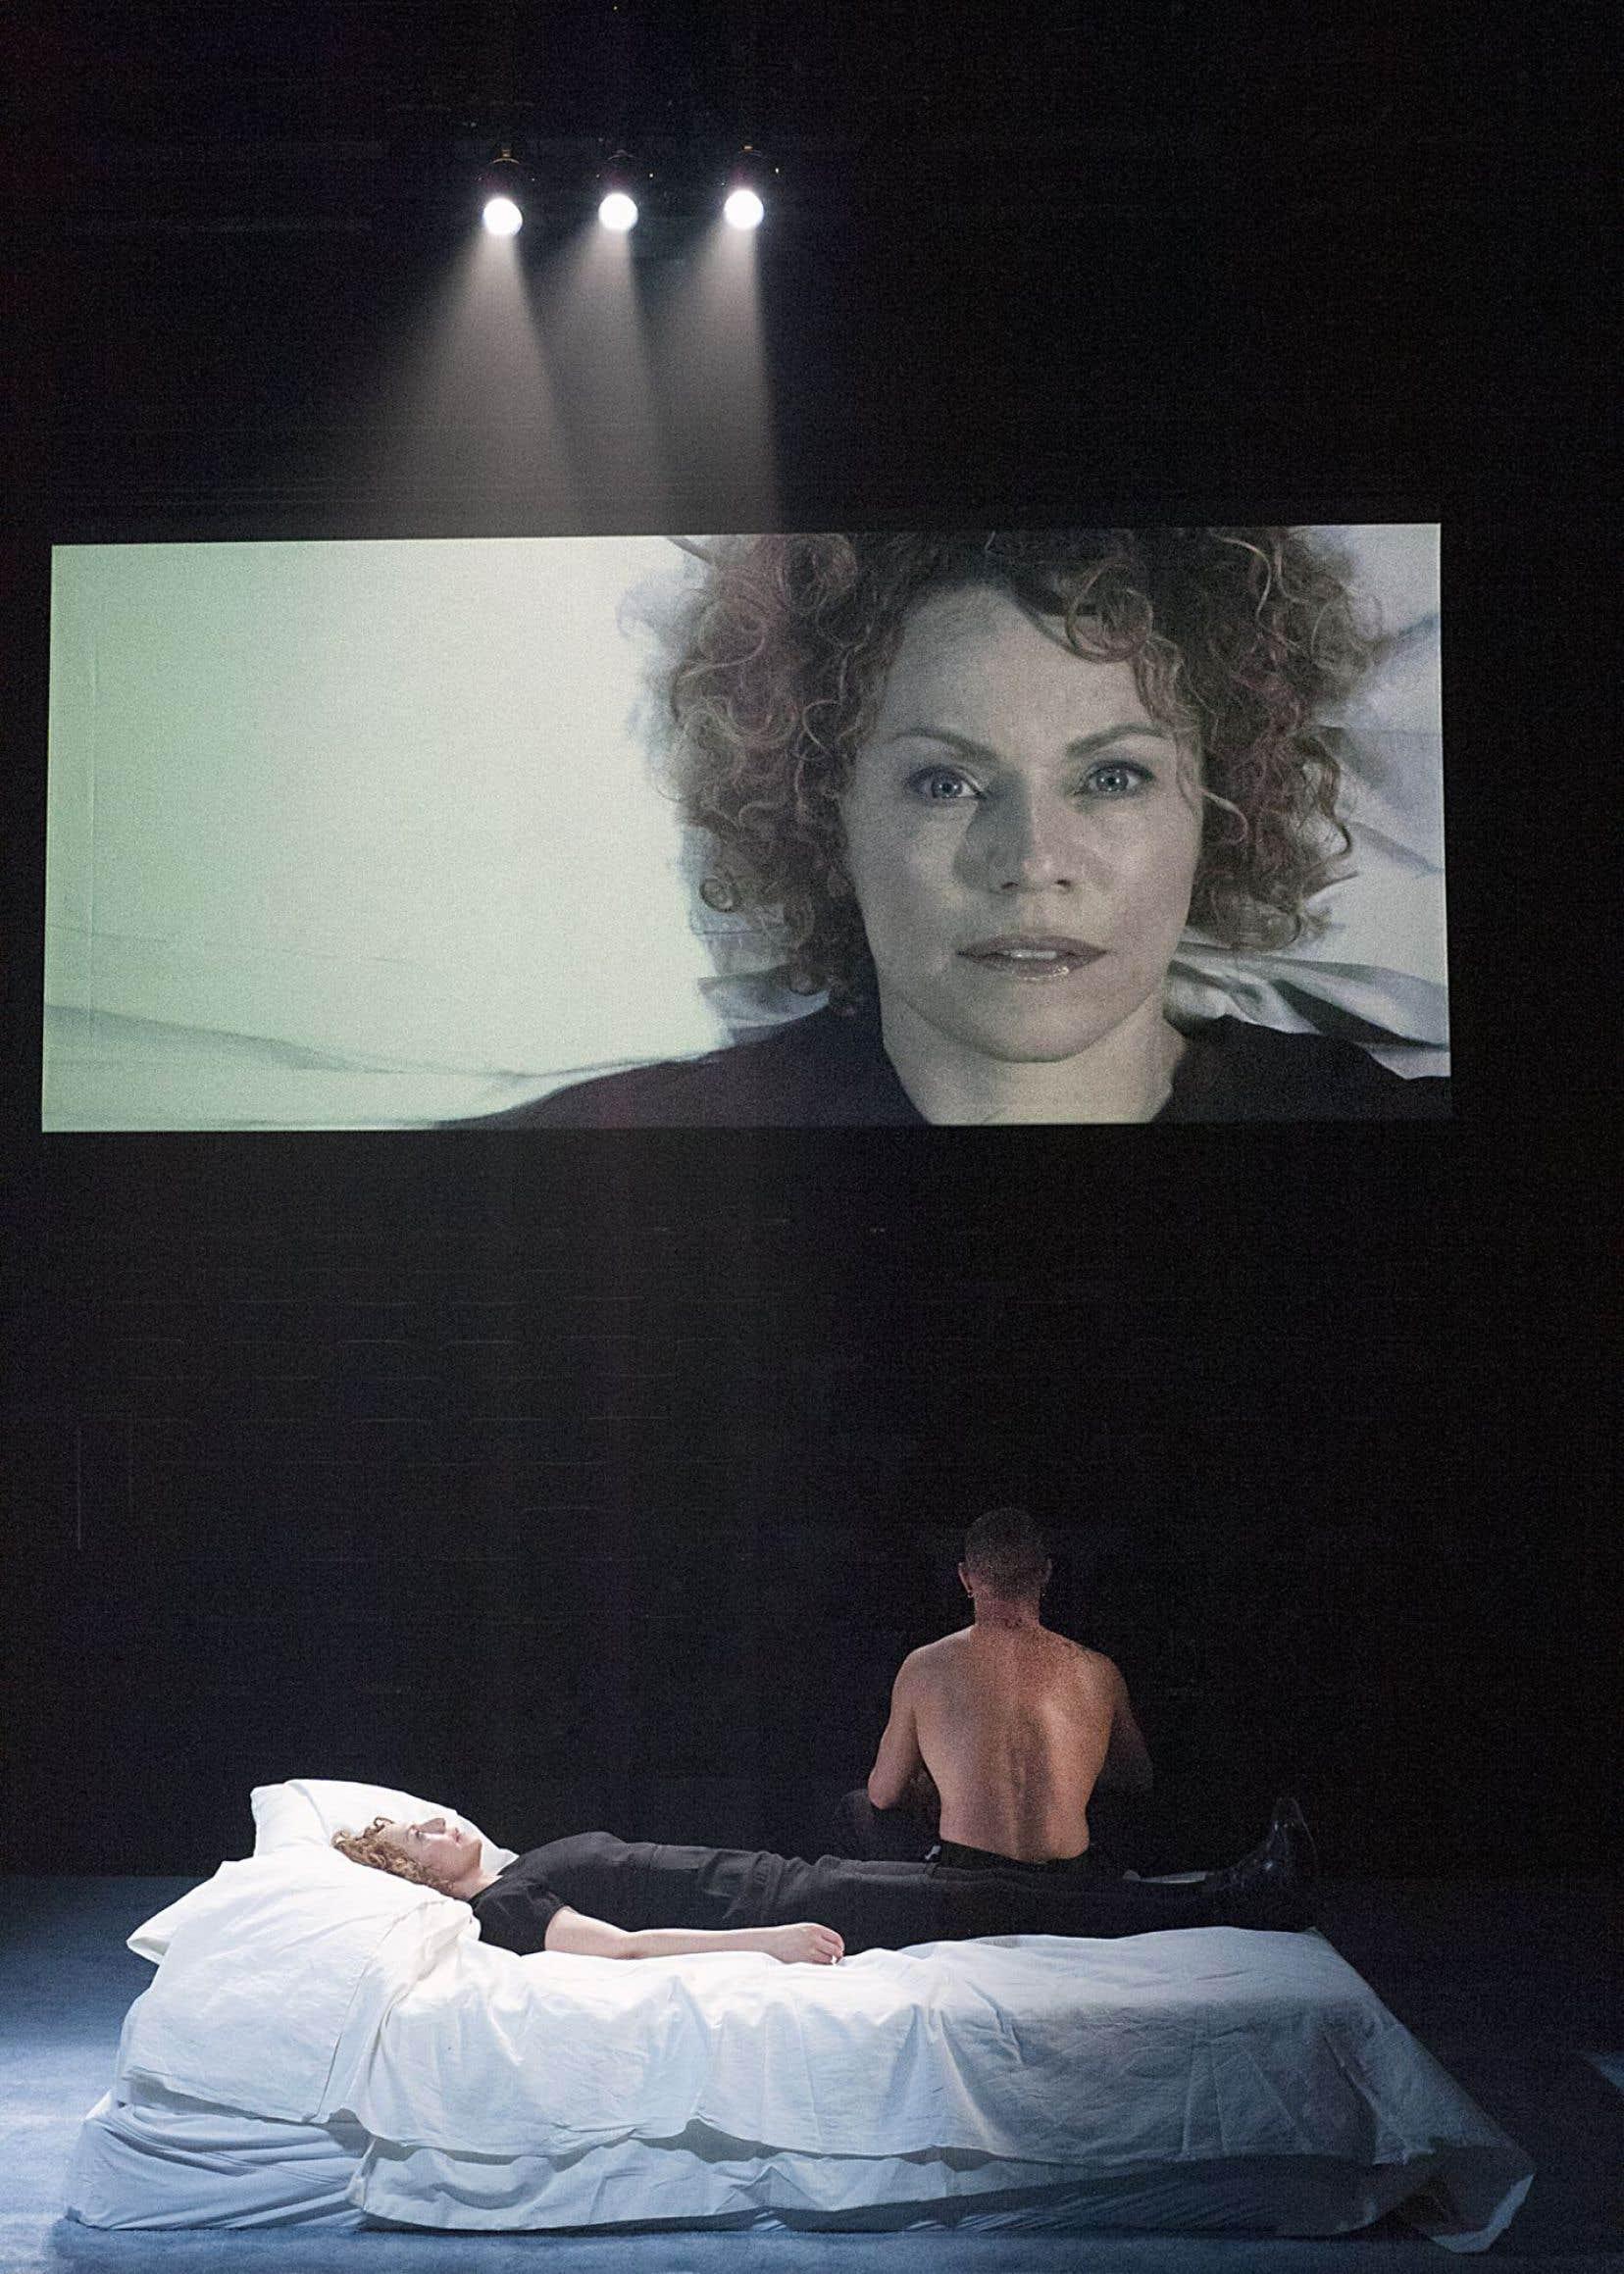 Dans ce spectacle «très sensoriel» alliant musique, vidéo, mouvements, une femme quittée par son amoureux (Macha Limonchik) met en scène sa douleur dans toute sa démesure.